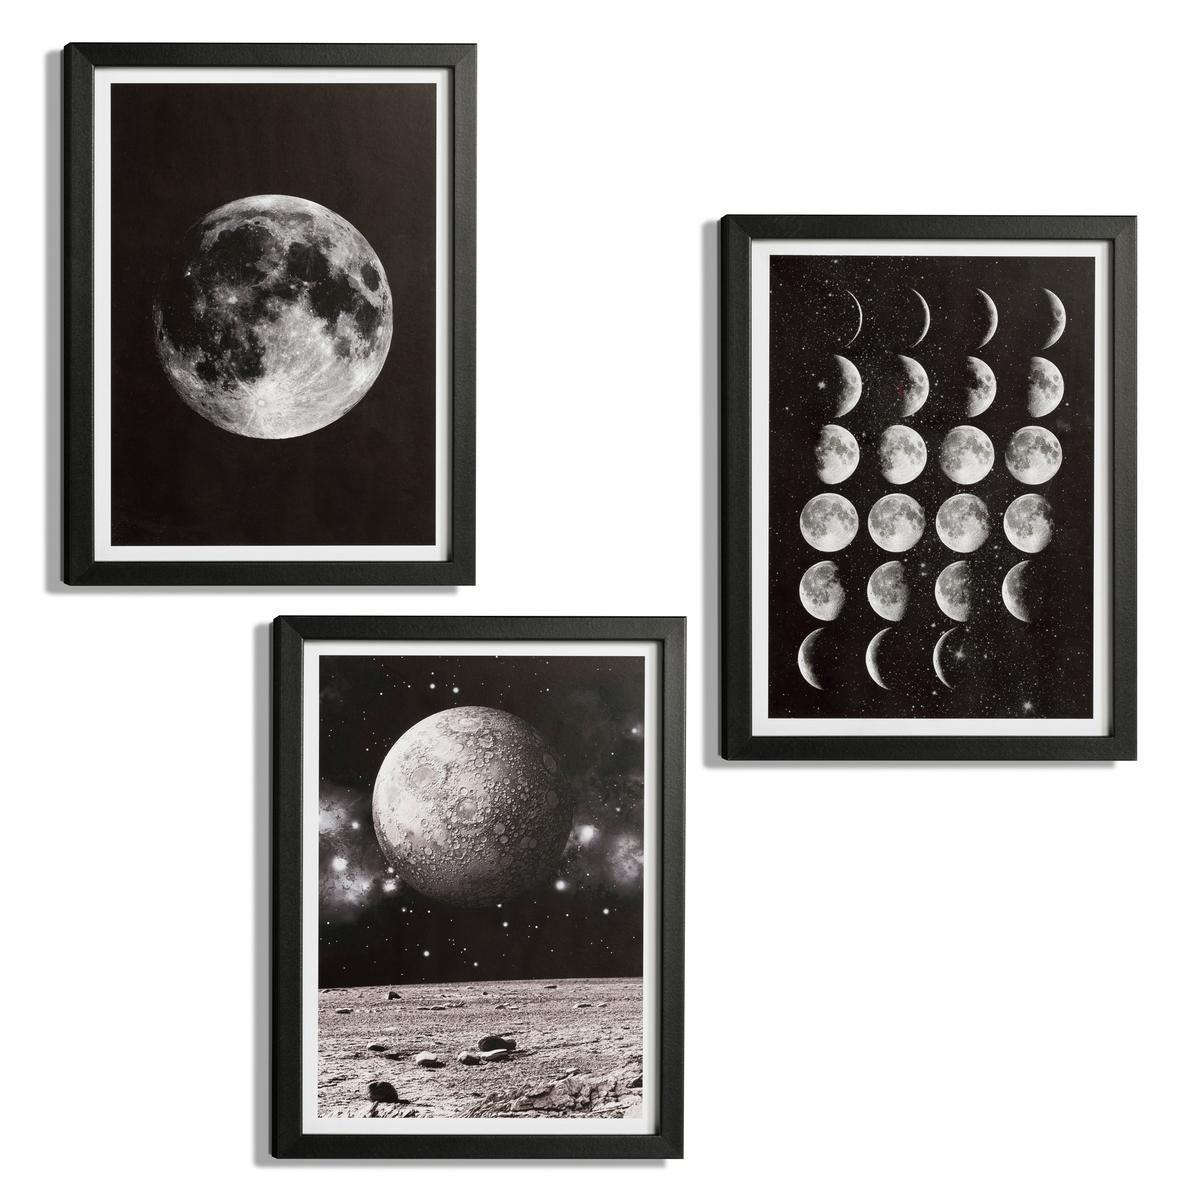 Фотография LunarniЧерно-белая фотография в рамке под стеклом. Характеристики:- Рамка из МДФ.Размеры:- Д.30 x В.40 см.<br><br>Цвет: черный/ белый<br>Размер: единый размер